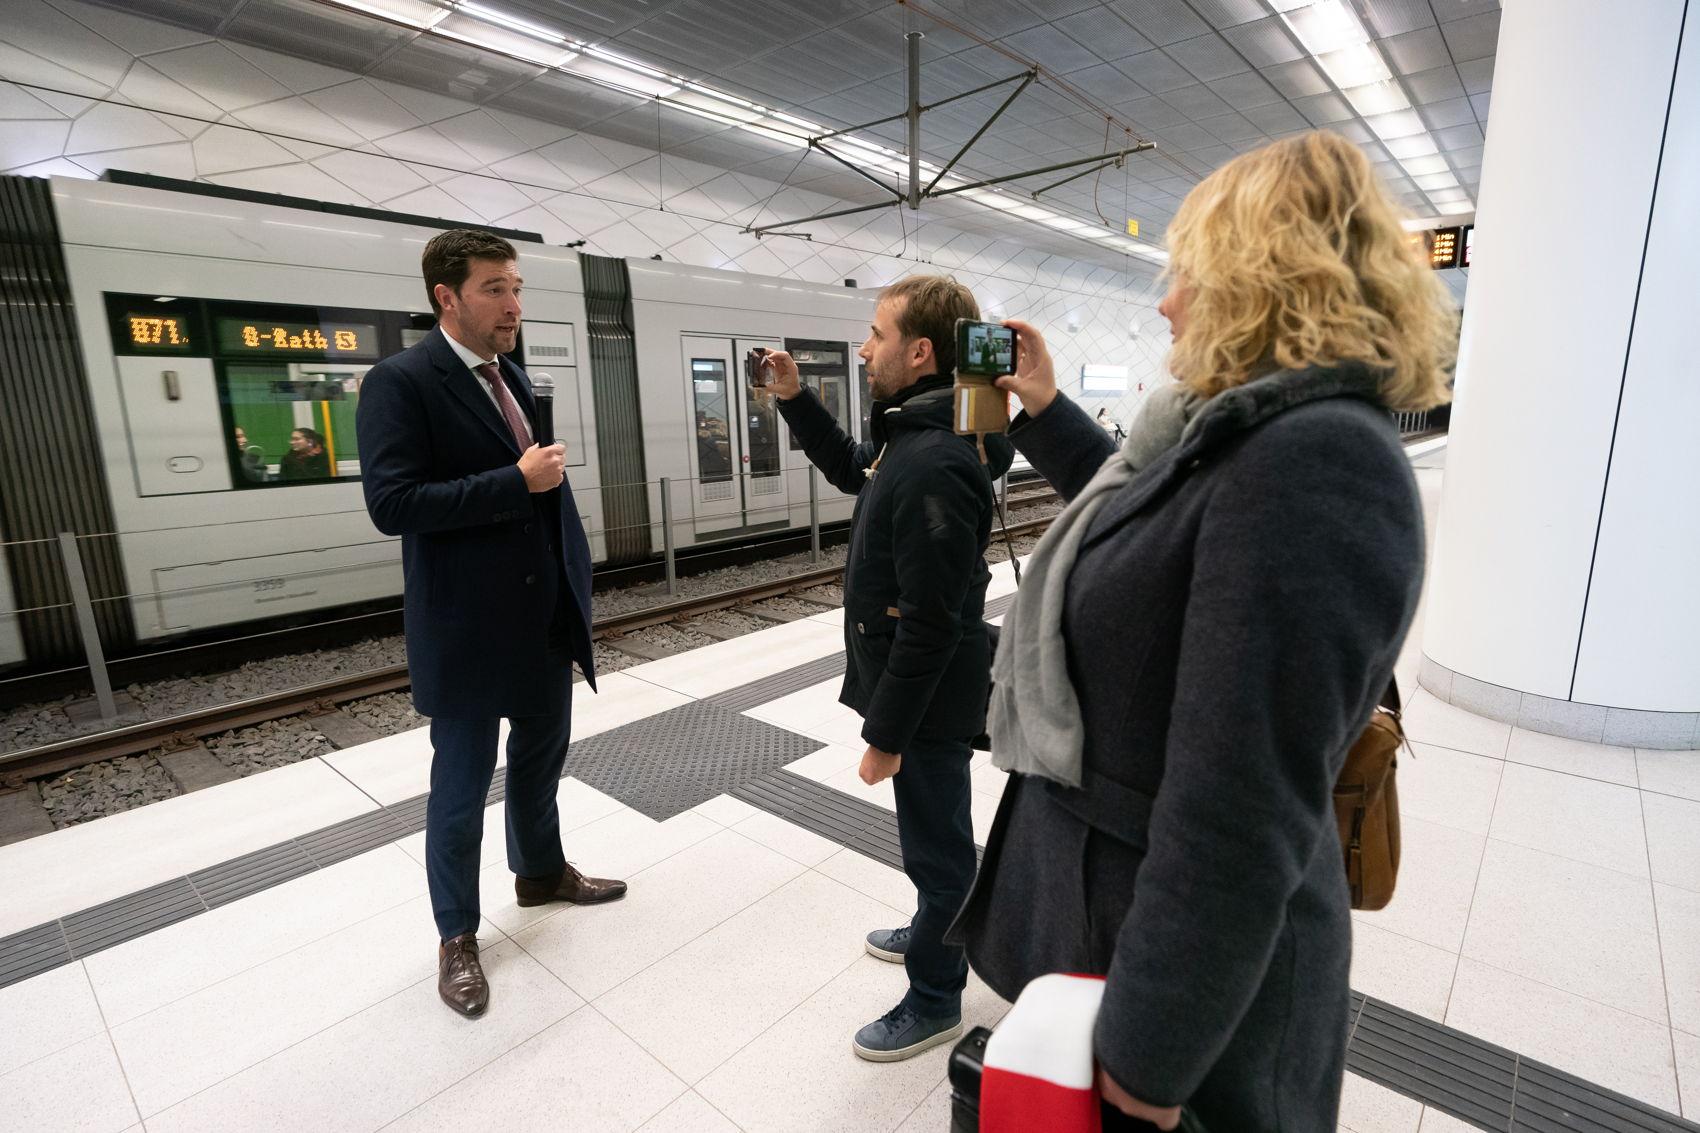 snelle trein boost voor kennisuitwisseling met Eindhoven en Düsseldorf